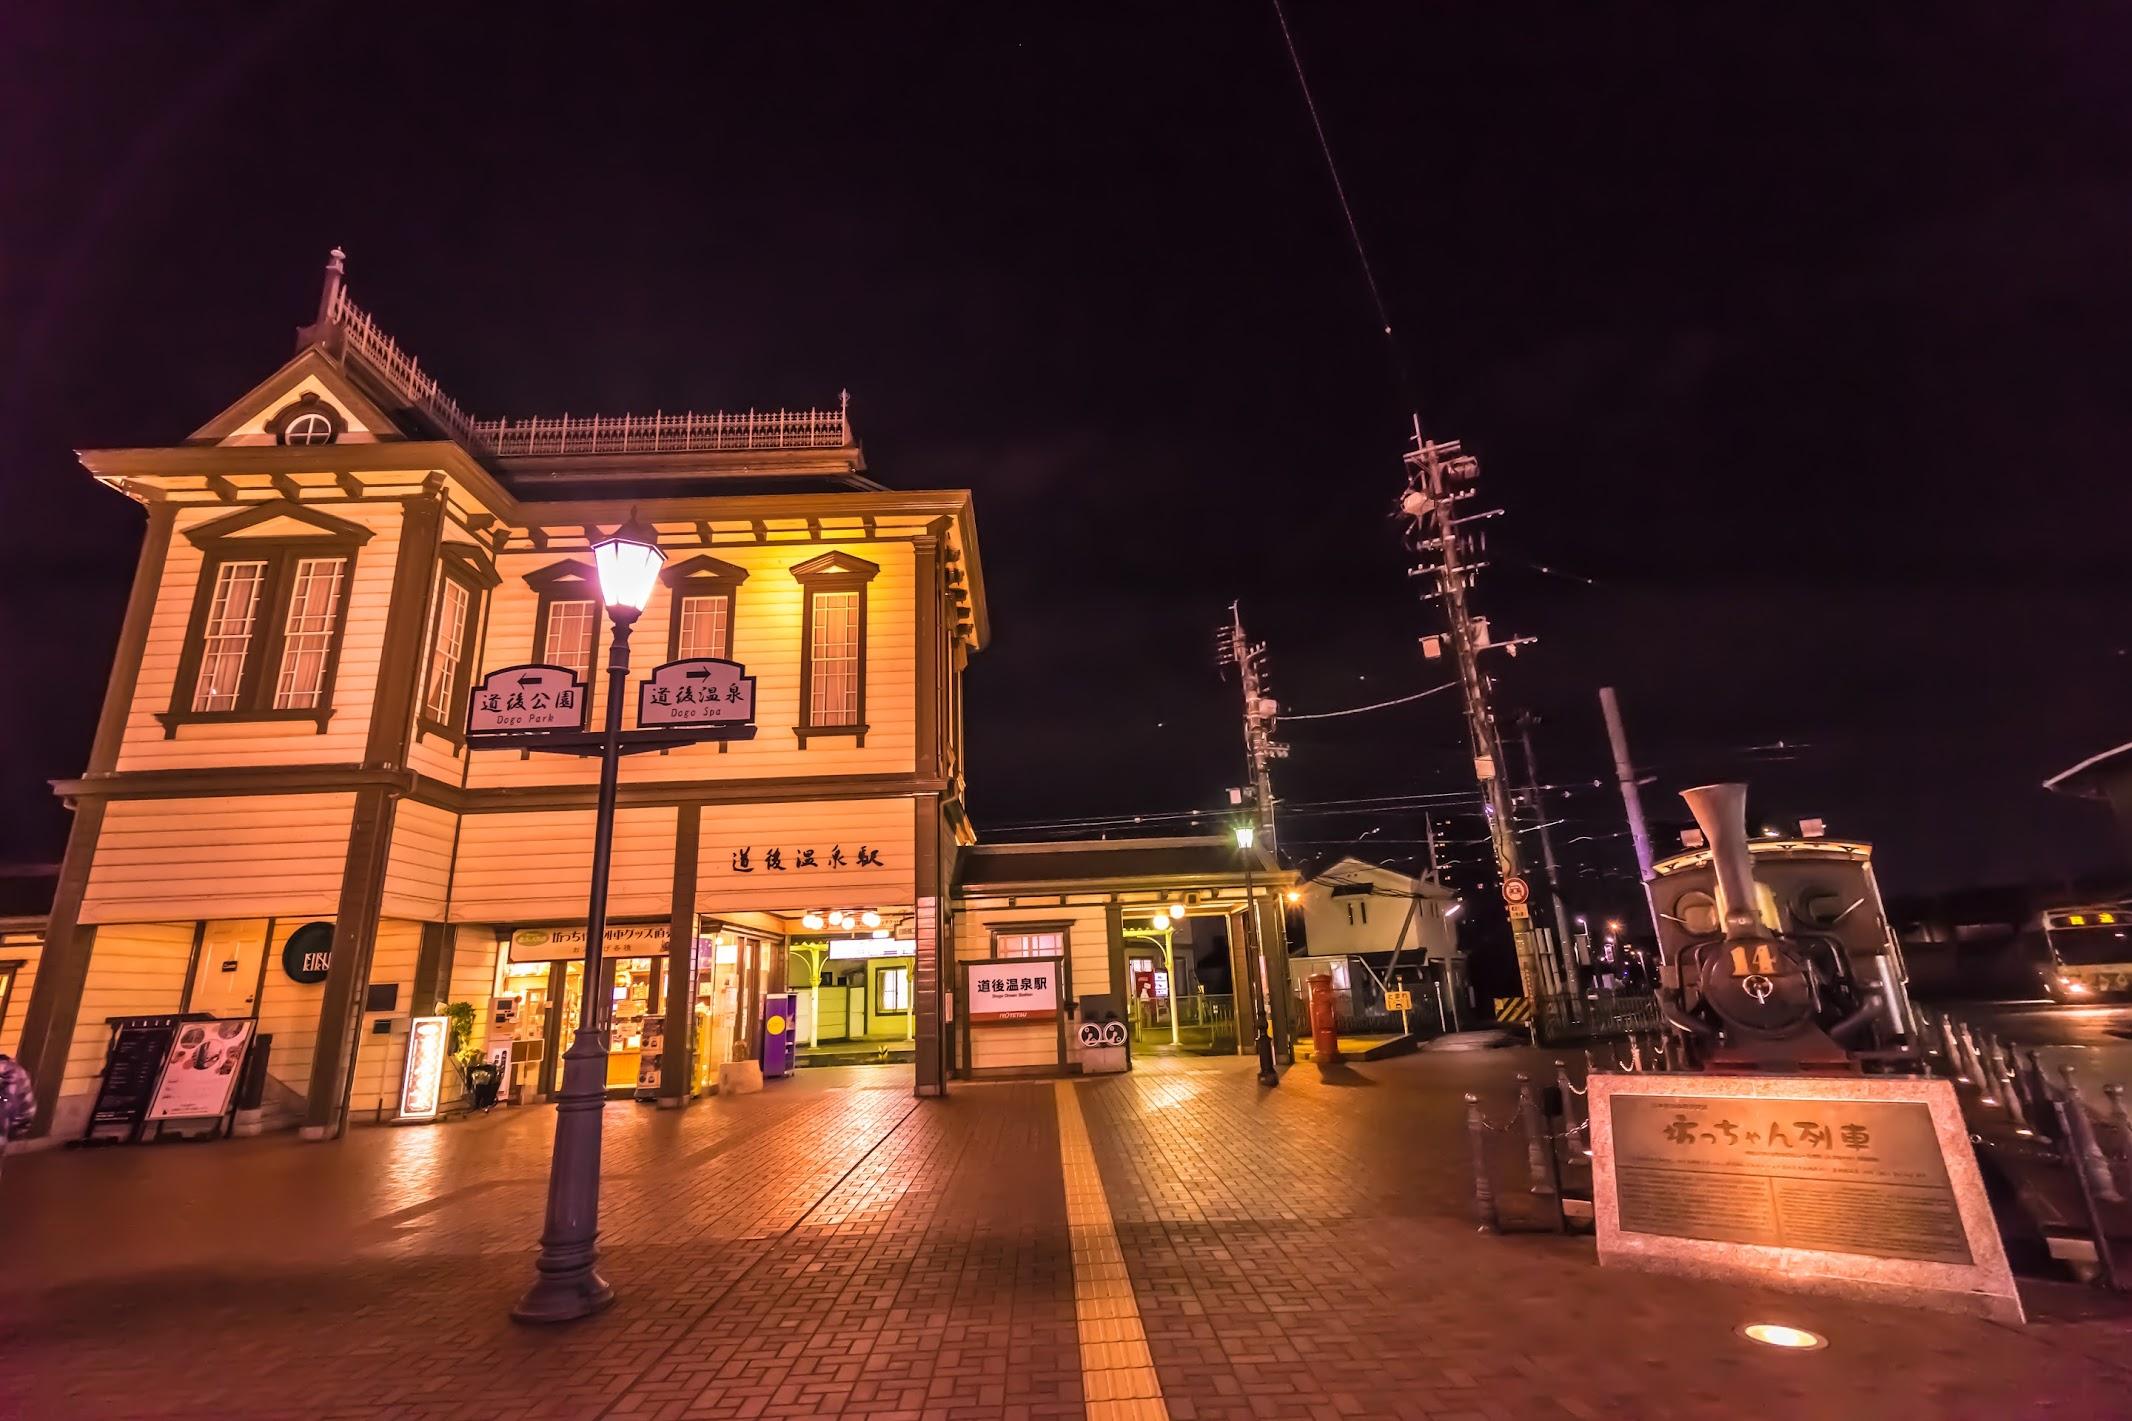 道後温泉駅 夜景(ライトアップ)1